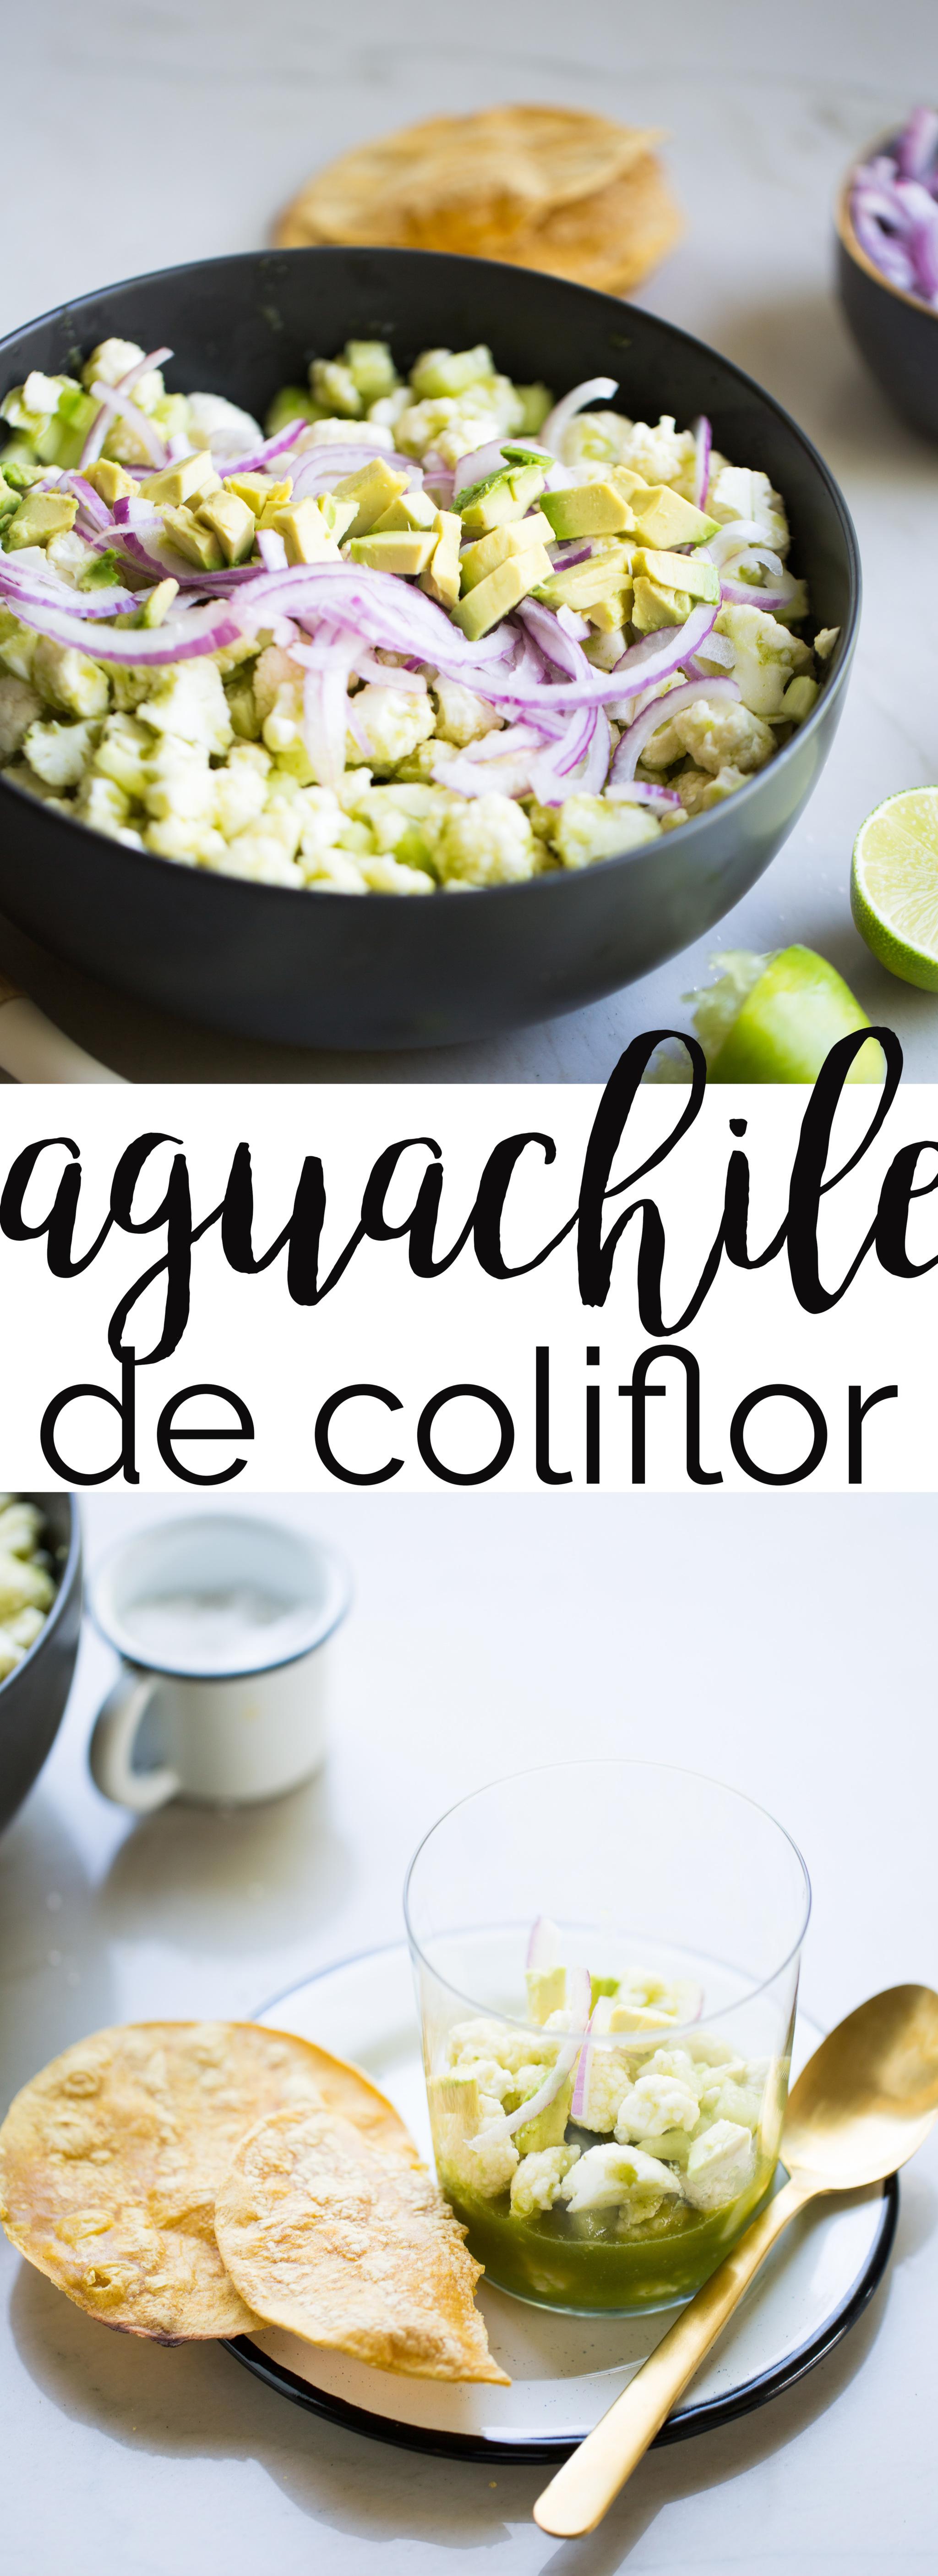 Receta vegana de aguachile, esta receta es super fresca, rápida, fácil y super nutritiva.